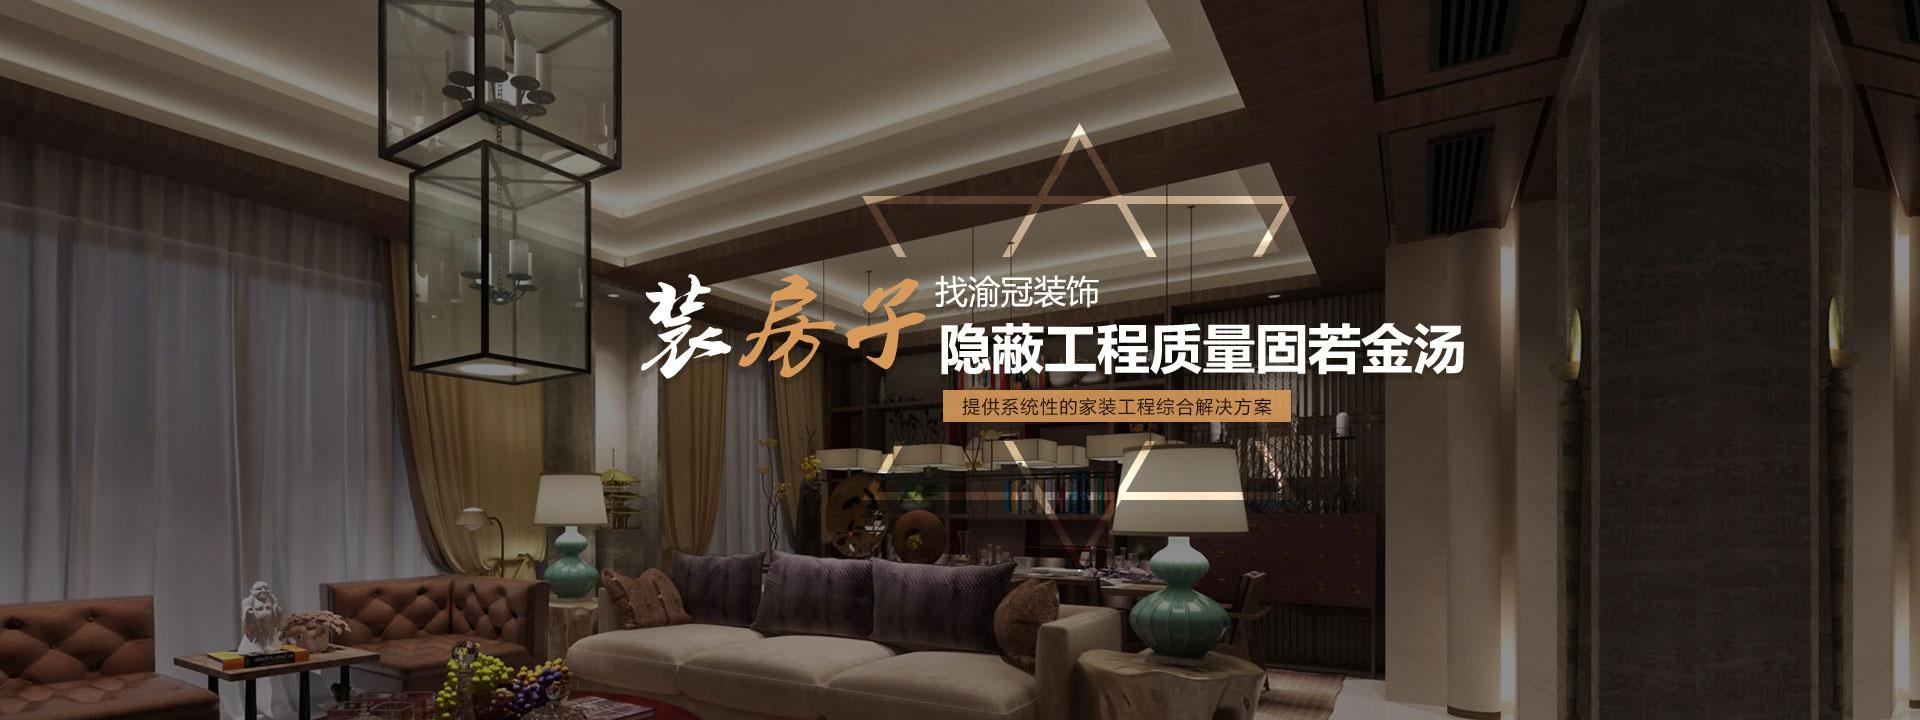 重庆家装设计公司